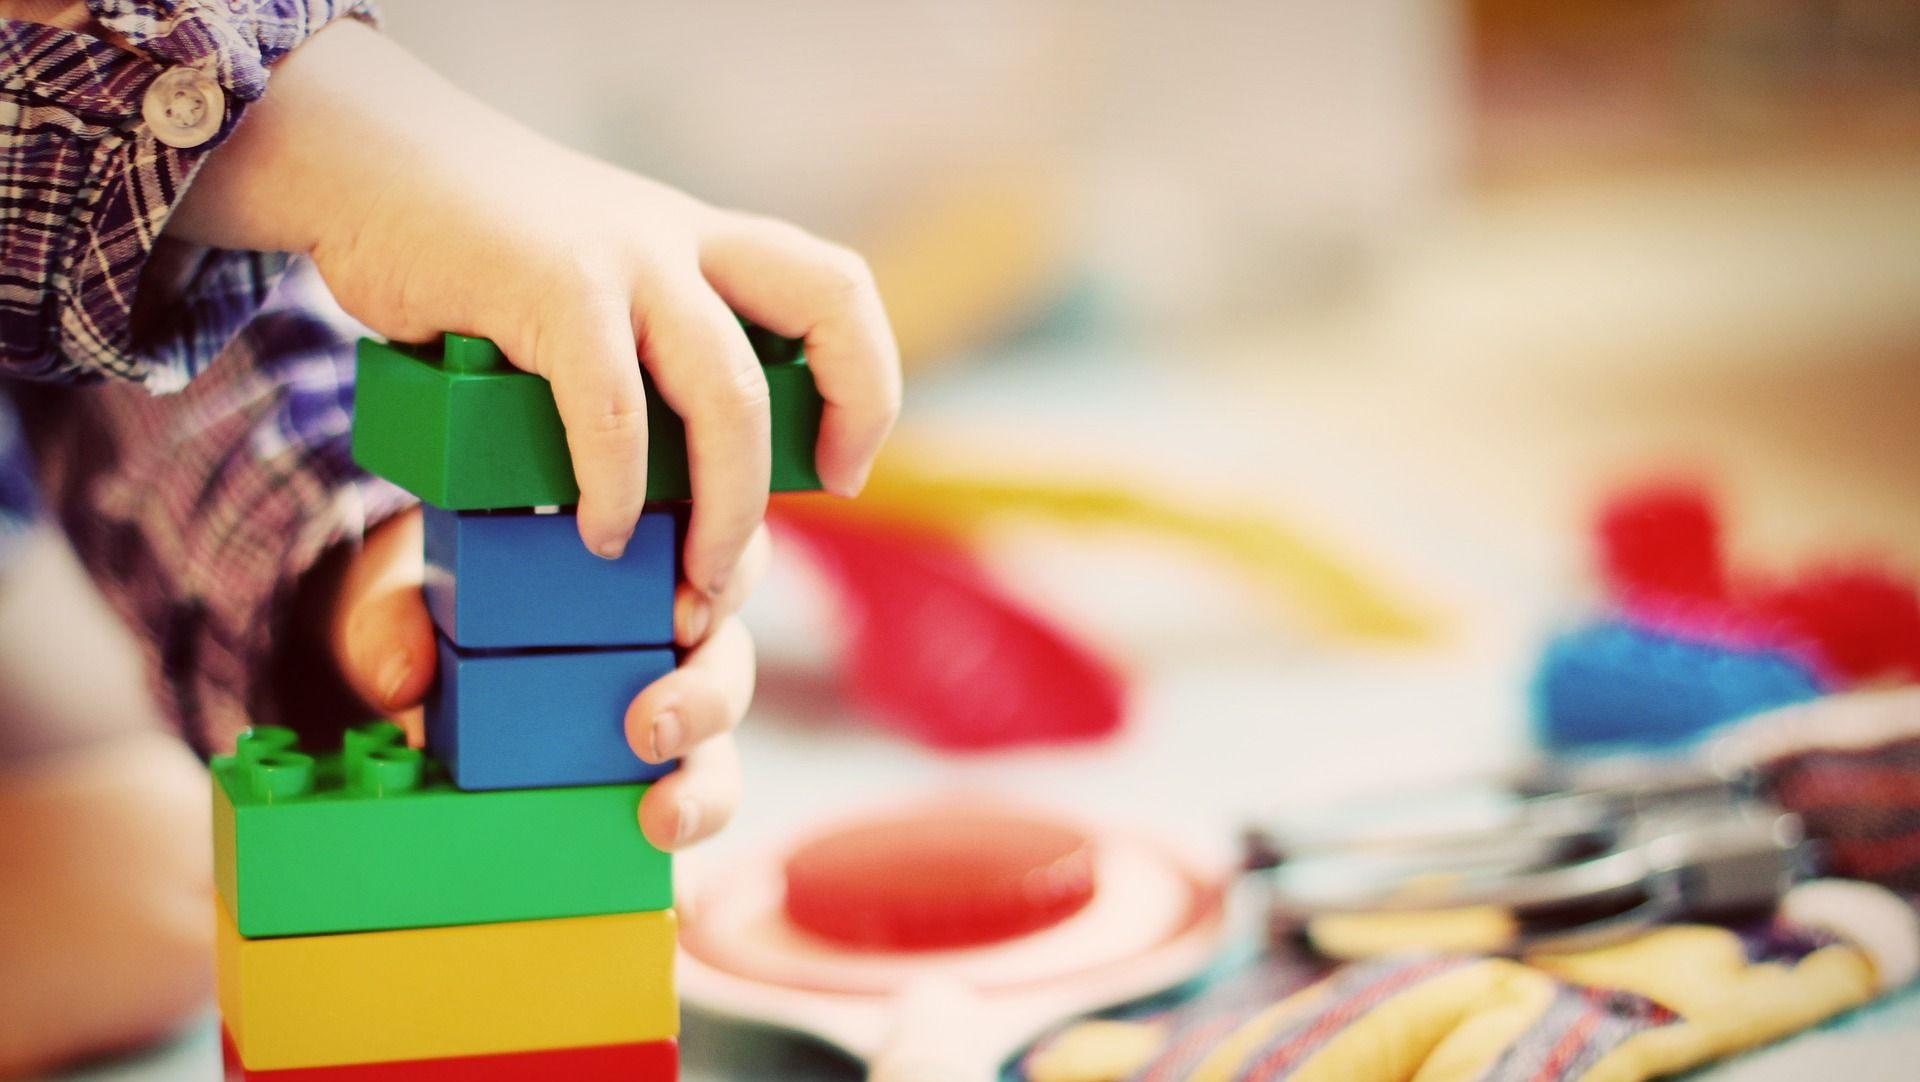 Eksperci: U dzieci nowotwór rozwija się szybciej